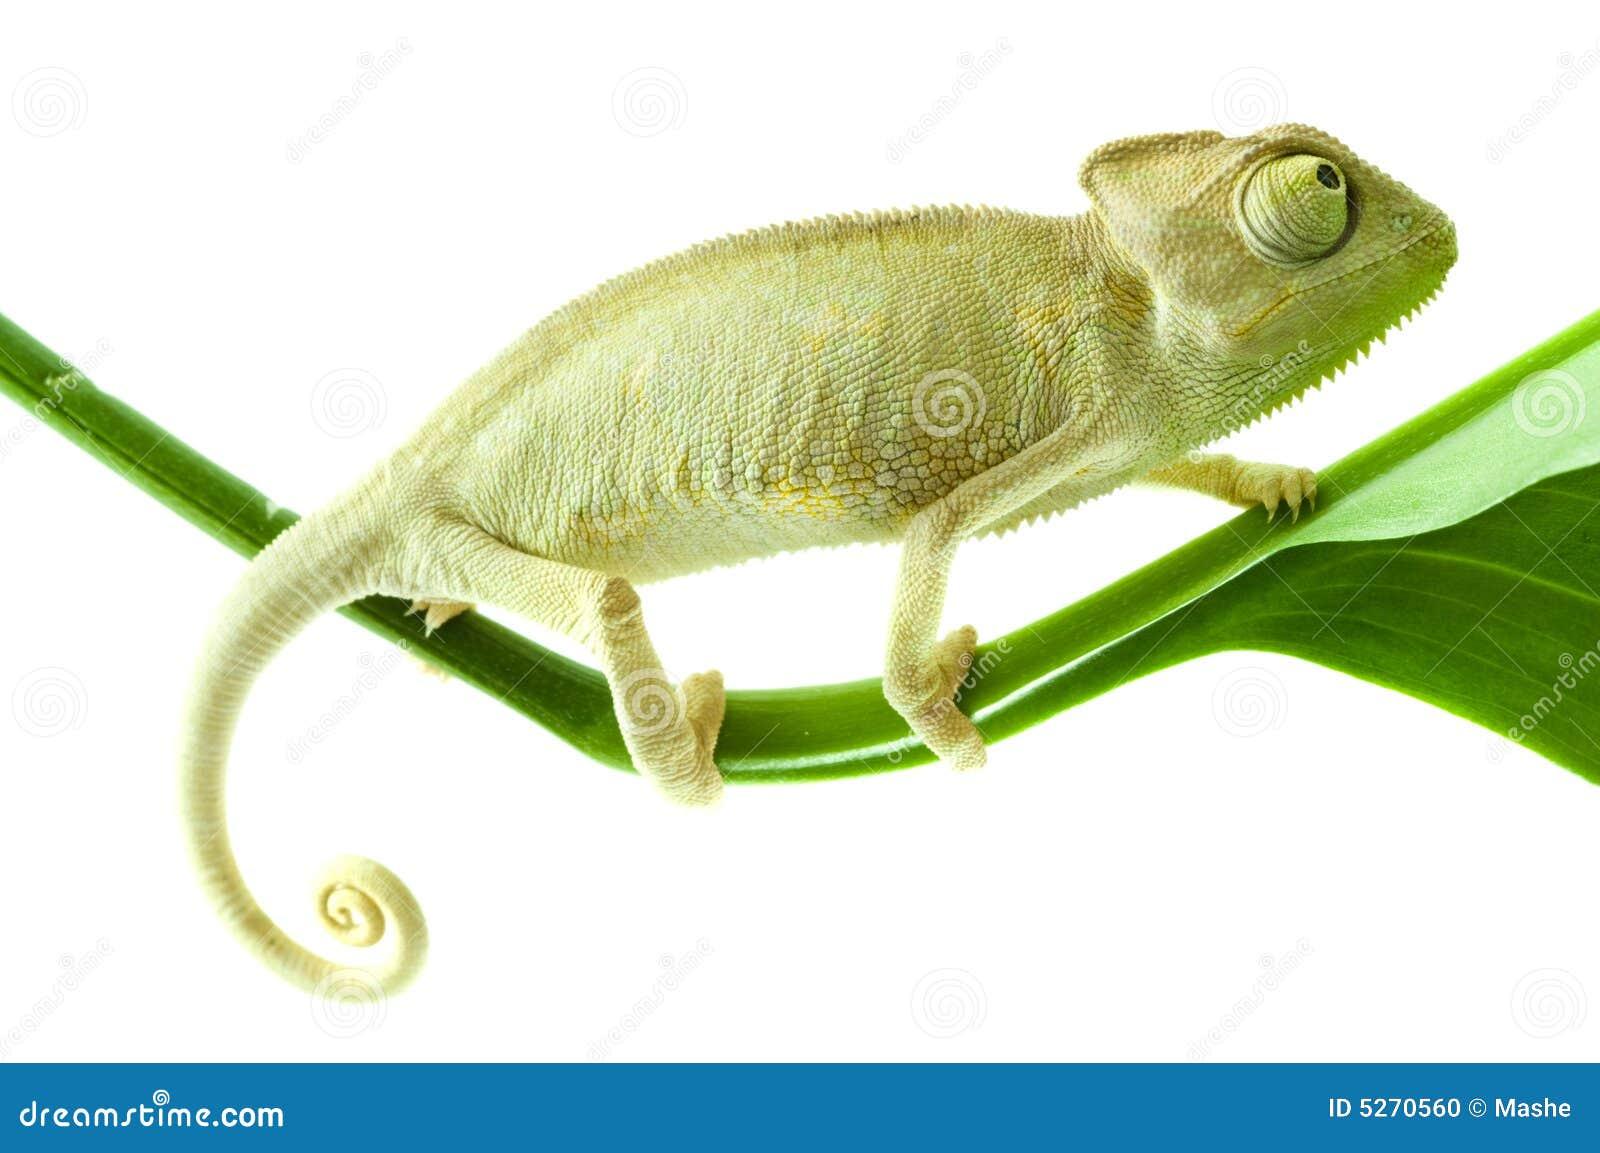 Chameleon na flor.